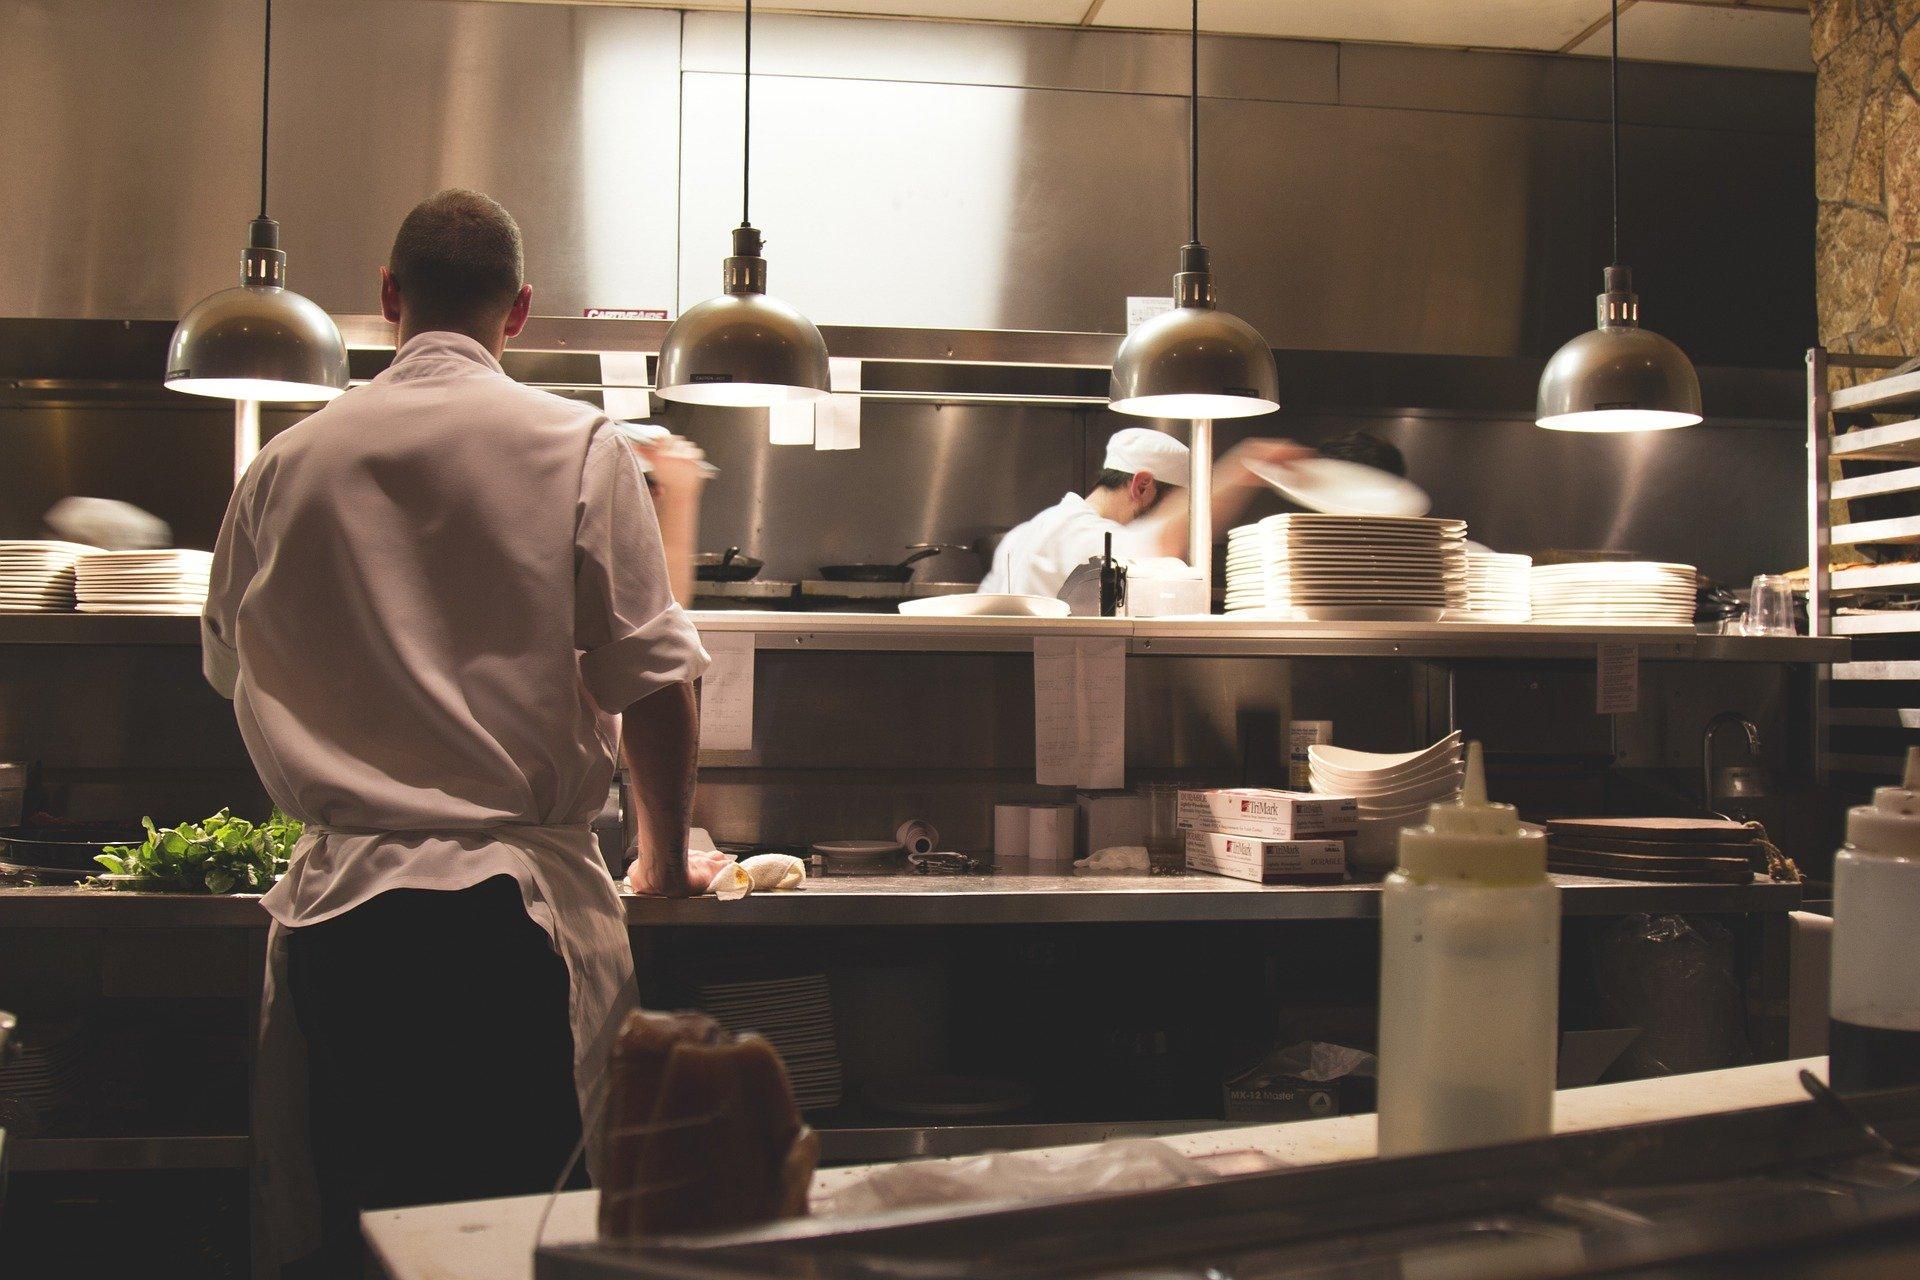 Axa débloque 300 millions d'euros pour dédommager les restaurateurs